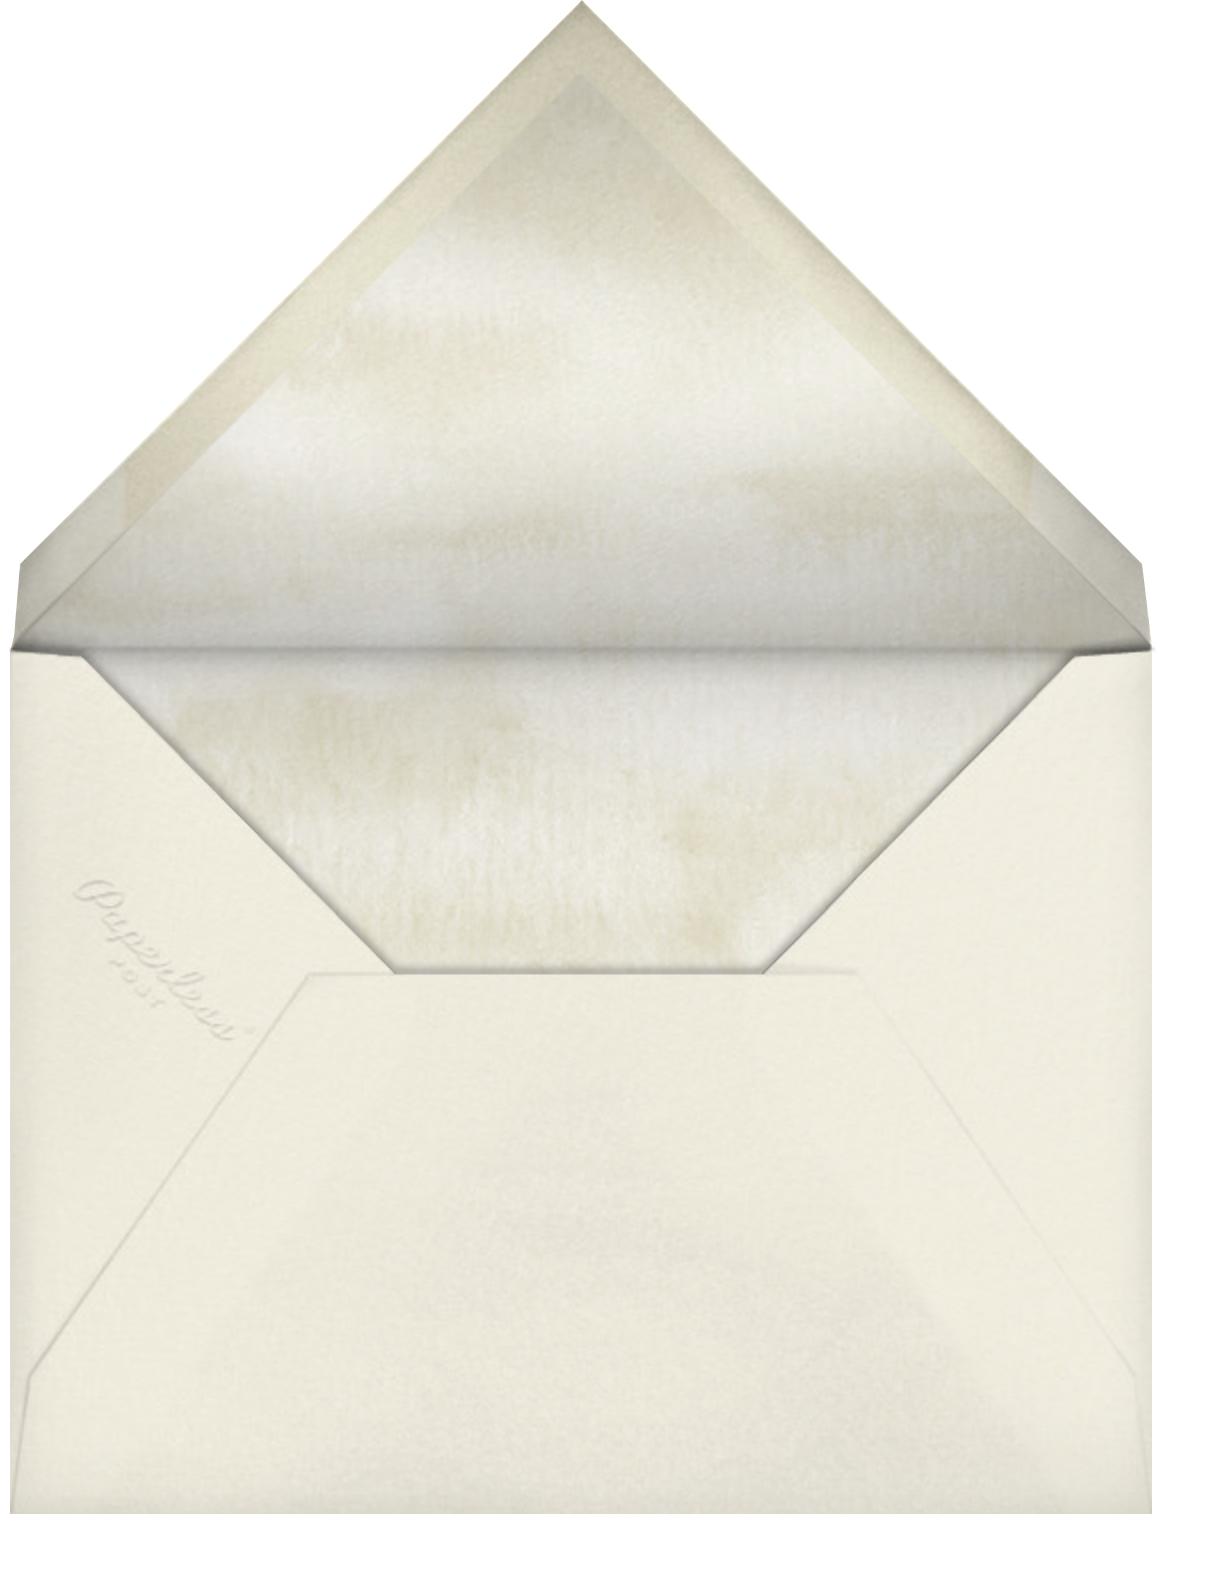 Shenandoah - Felix Doolittle - All - envelope back